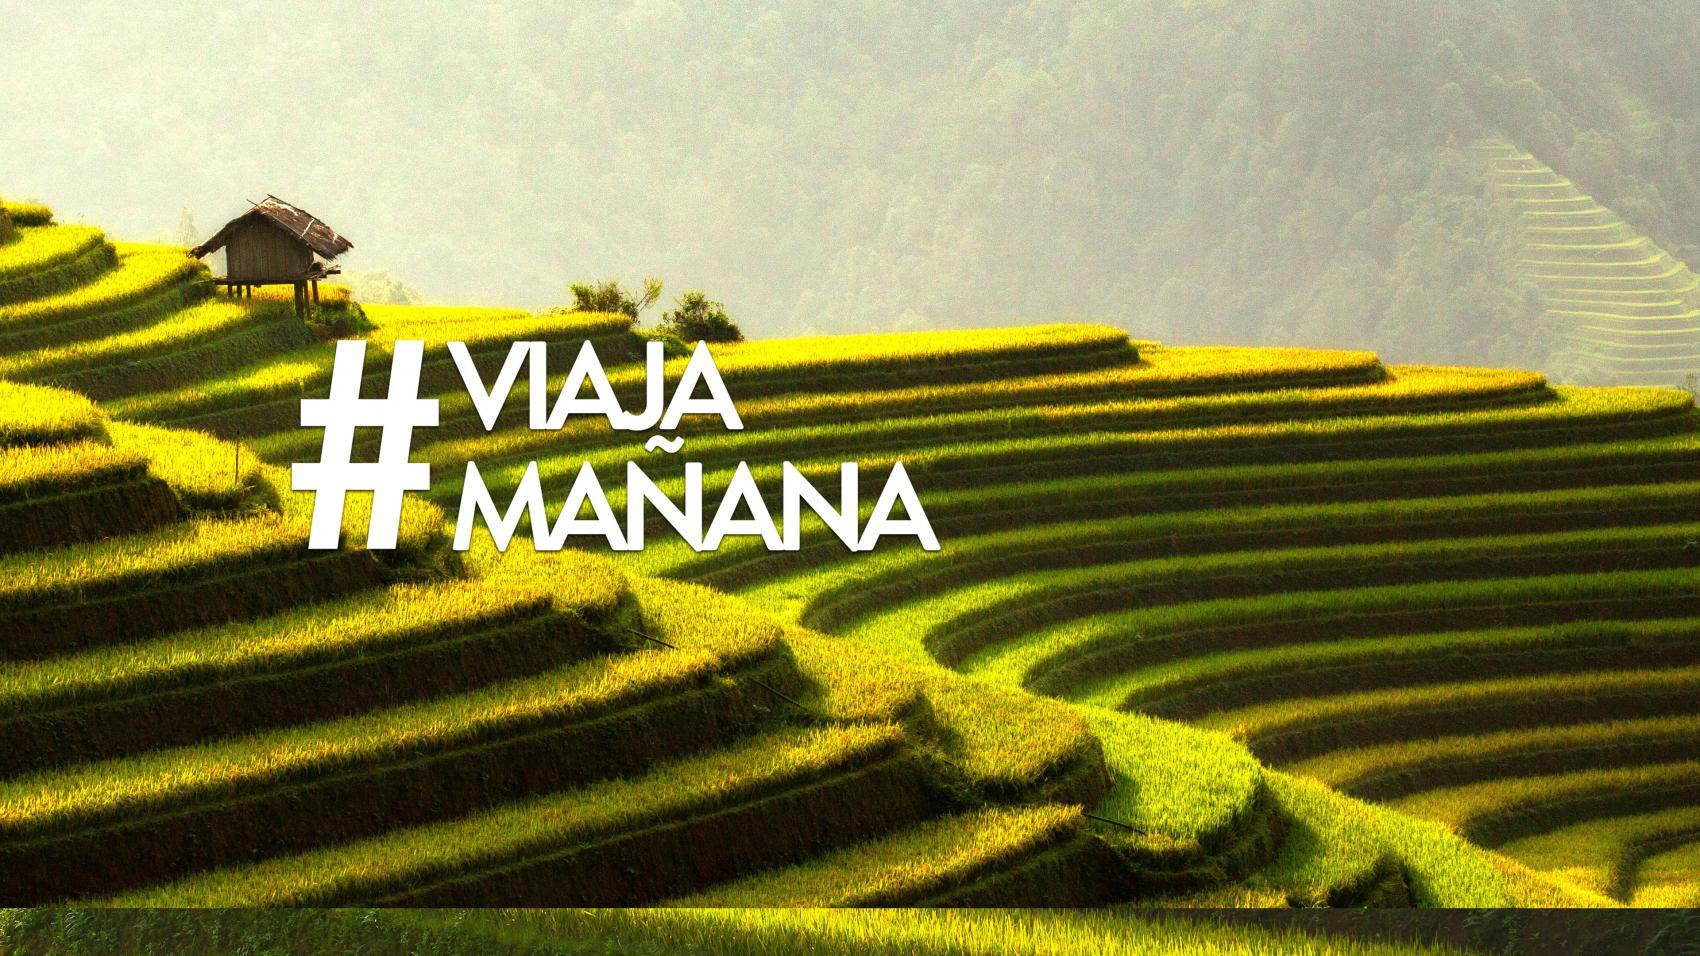 #viajamañana